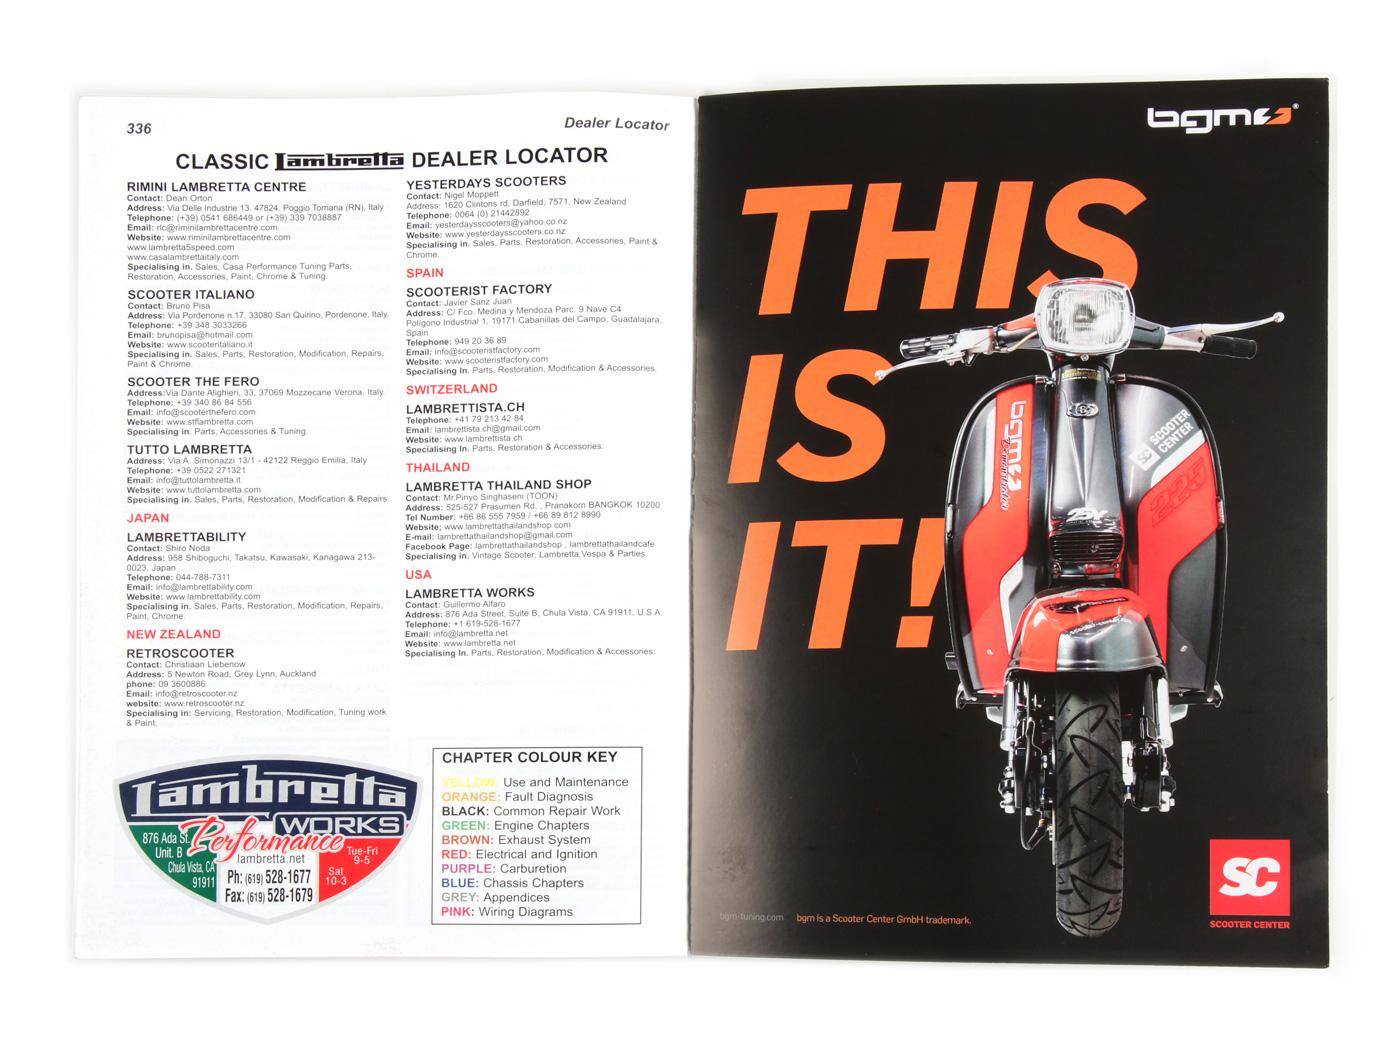 Buch Complete Spanners Manual Lambretta Third Edition Von Sticky 56 Vespa Scooter Wiring Schematic Bcher Literatur Center